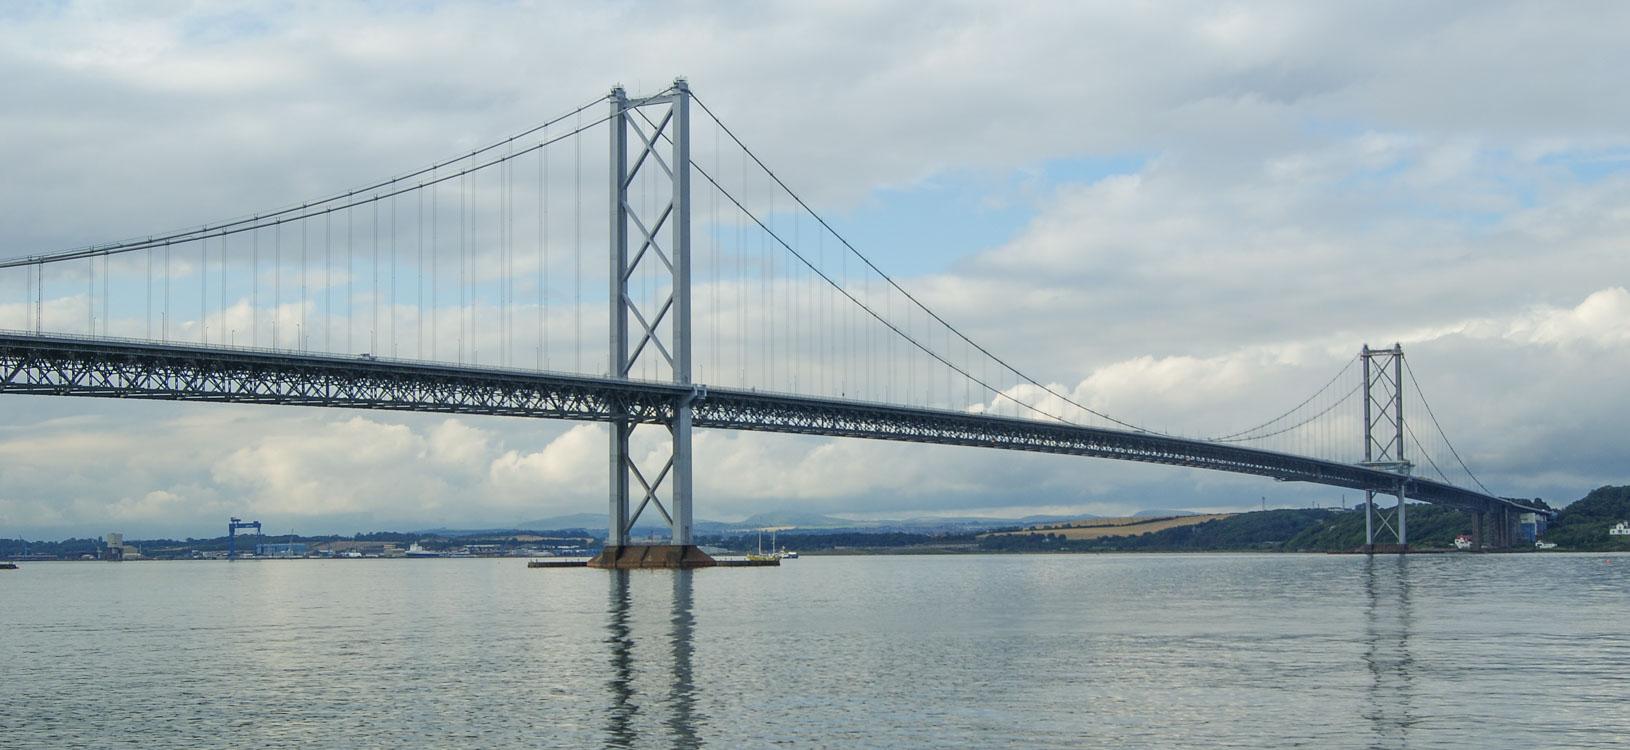 Firth of Forth Autobrücke